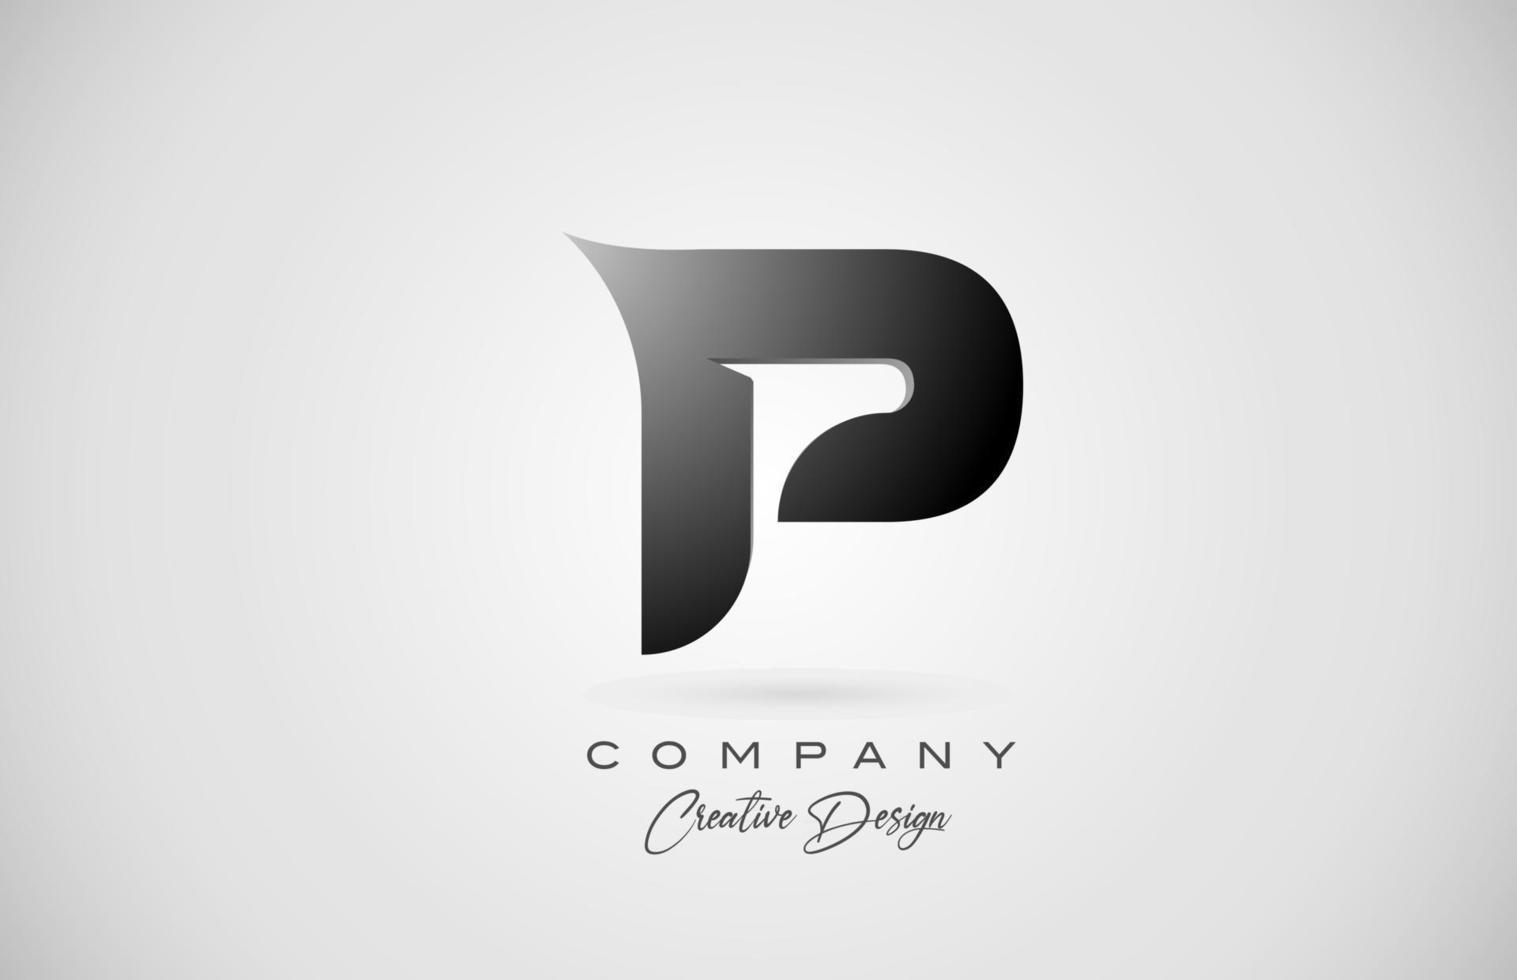 logotipo do ícone da letra p do alfabeto em gradiente preto. design criativo para negócios e empresa vetor